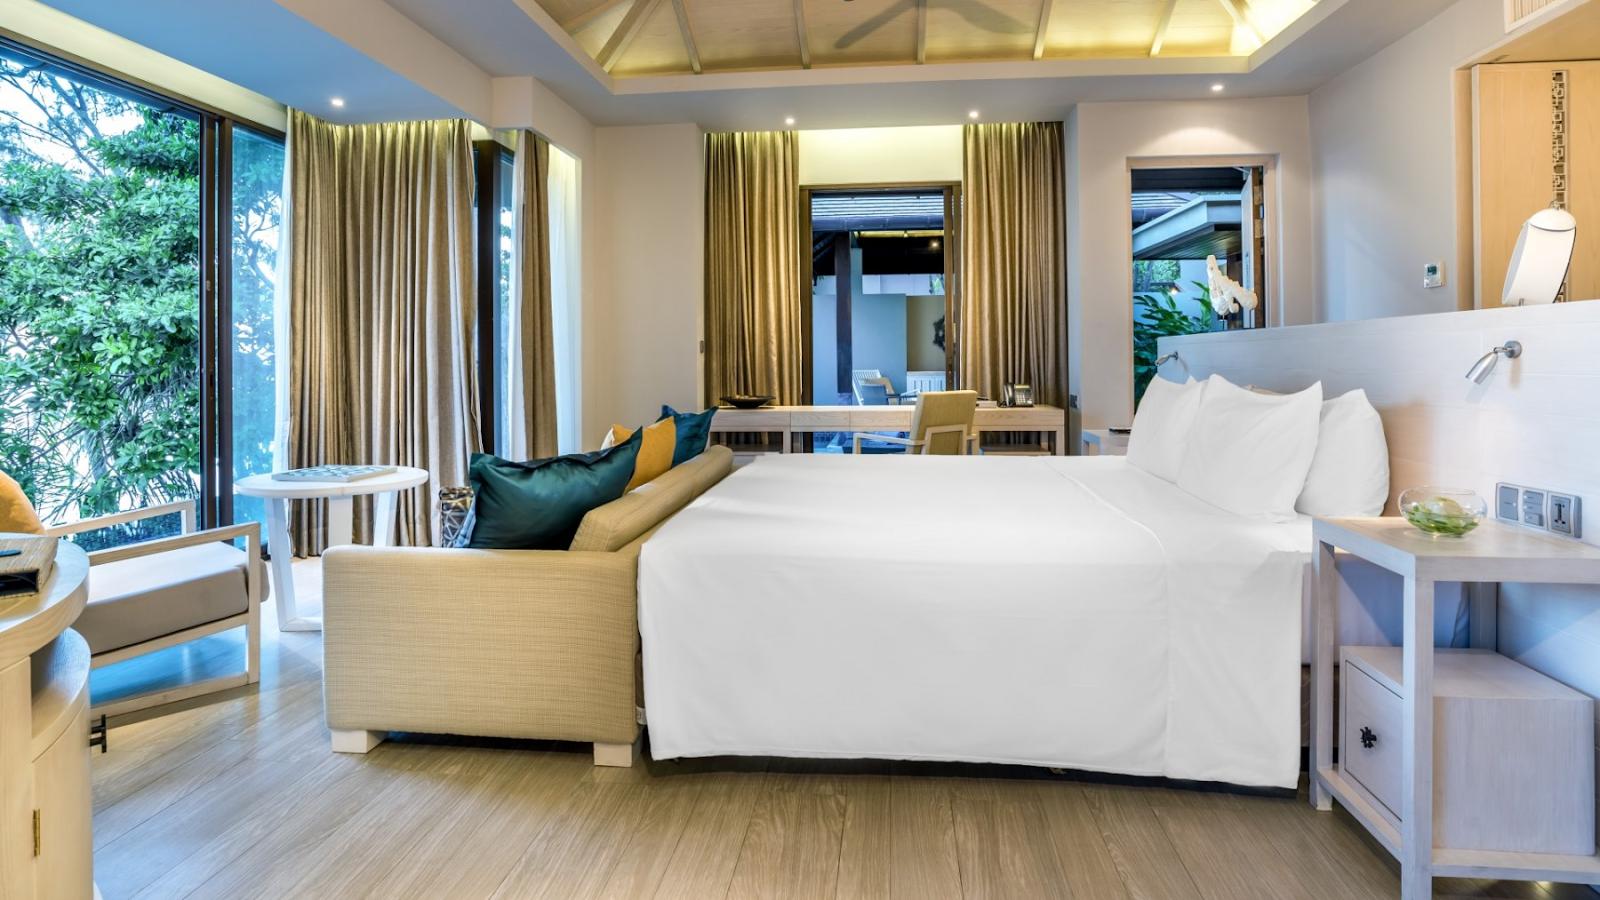 Không gian phòng ngủ với chất liệu kính hiện đại, cho căn phòng ngập tràn ánh sáng